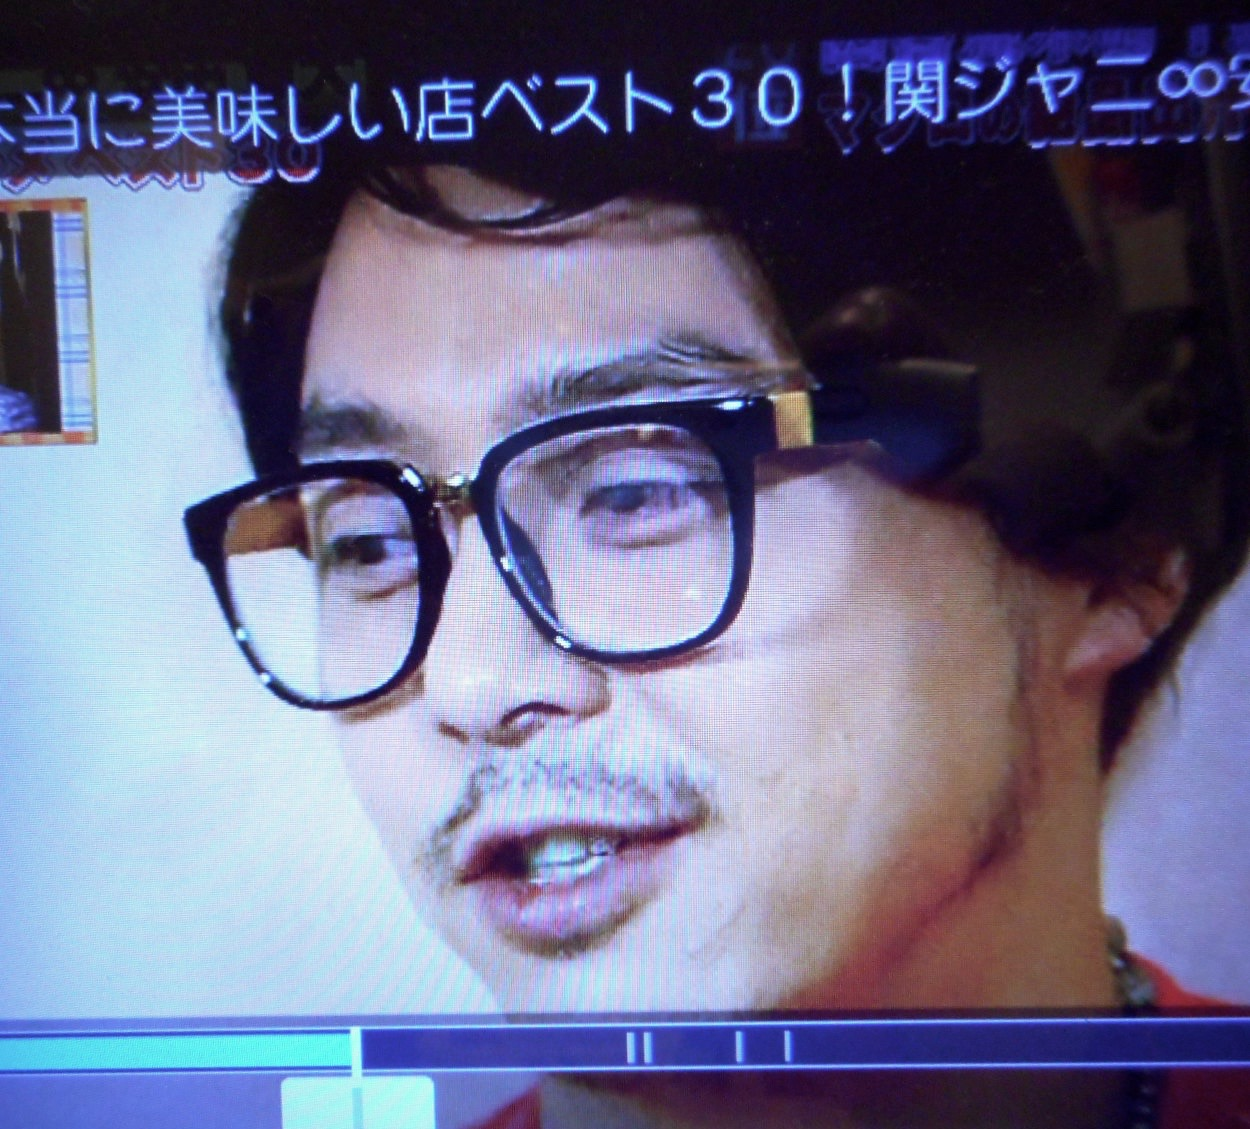 メガネ警察_堂本剛1